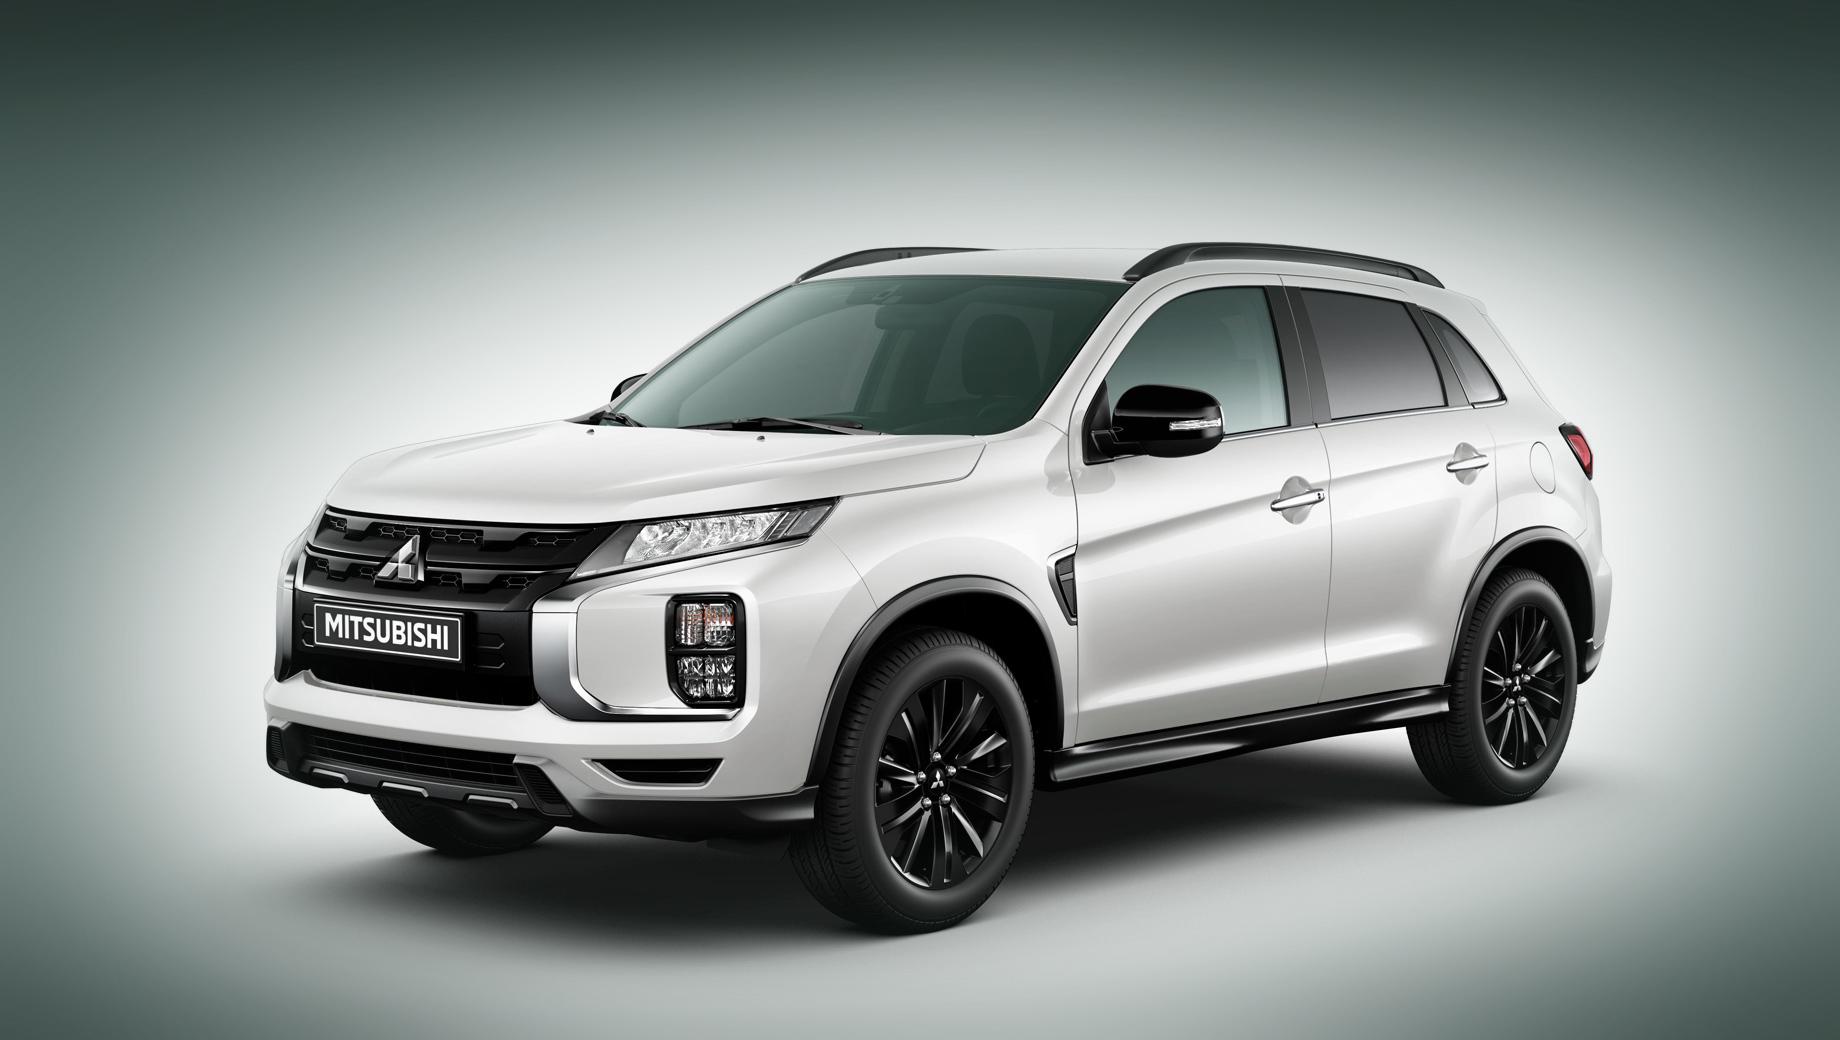 Обновлённый Mitsubishi ASX (на видео) появился на российском рынке минувшей весной, а теперь вслед за более крупным «Аутлендером» получил исполнение Black Edition.